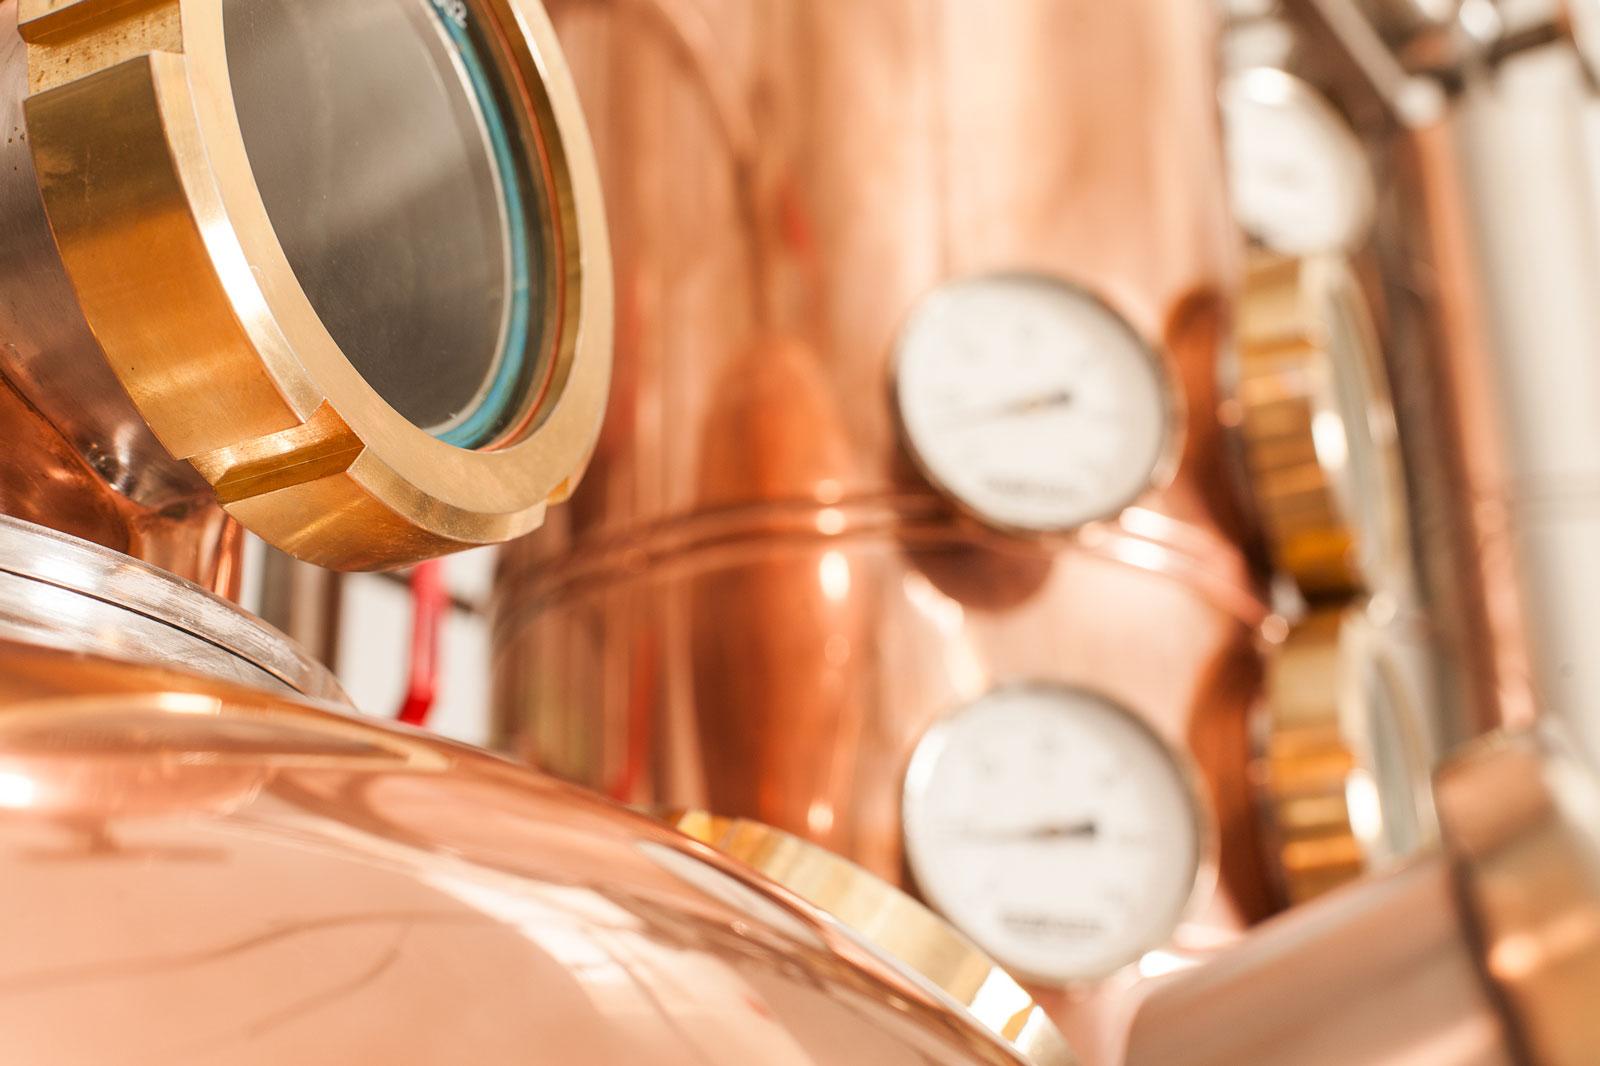 NORDCRAFT: echtes Handwerk - kleine Anlagen - Mario Gallone hat sich seine Destillationsanlagen mit 20-150l Brennblasen mit Blick fürs Detail und in liebevoller Kleinarbeit zusammengestellt, um seine Philosophie vom Destillieren perfekt umsetzen zu können.Dazu wurden einige der Anlagen speziell nach seinen Vorgaben umgebaut und verfeinert sowie um weitere Features ergänzt. So tragen alle Pot Still Anlagen einen Namen, wie Kopper Carl und Kopper Michel, denn sie gehören auch zur NORDCRAFT-Familie.